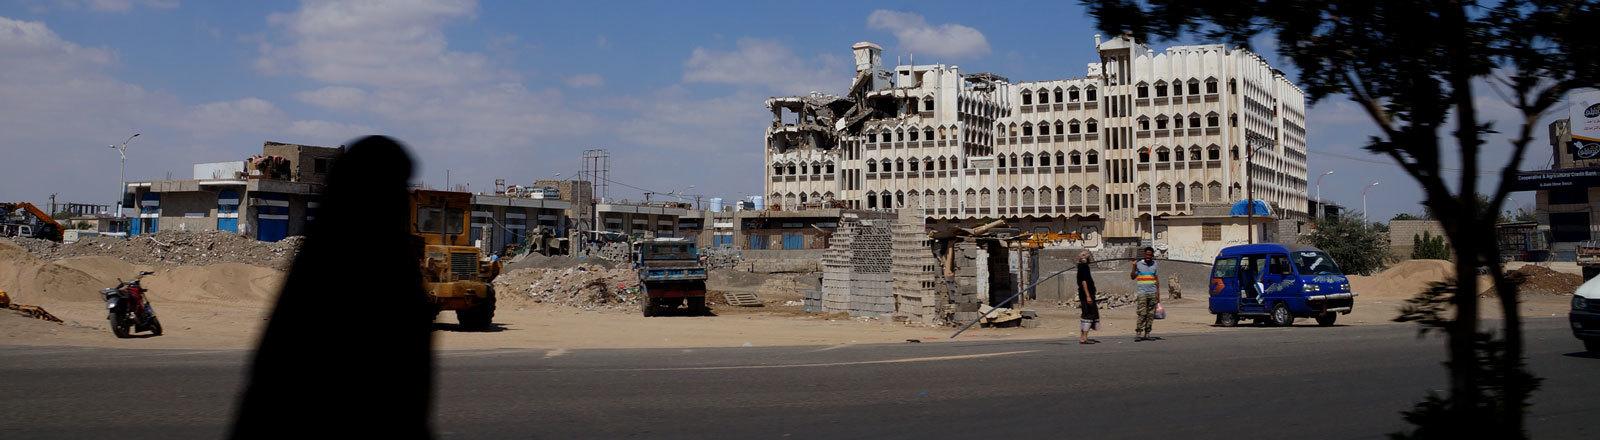 Ein zerstörtes Gebäude im Jemen